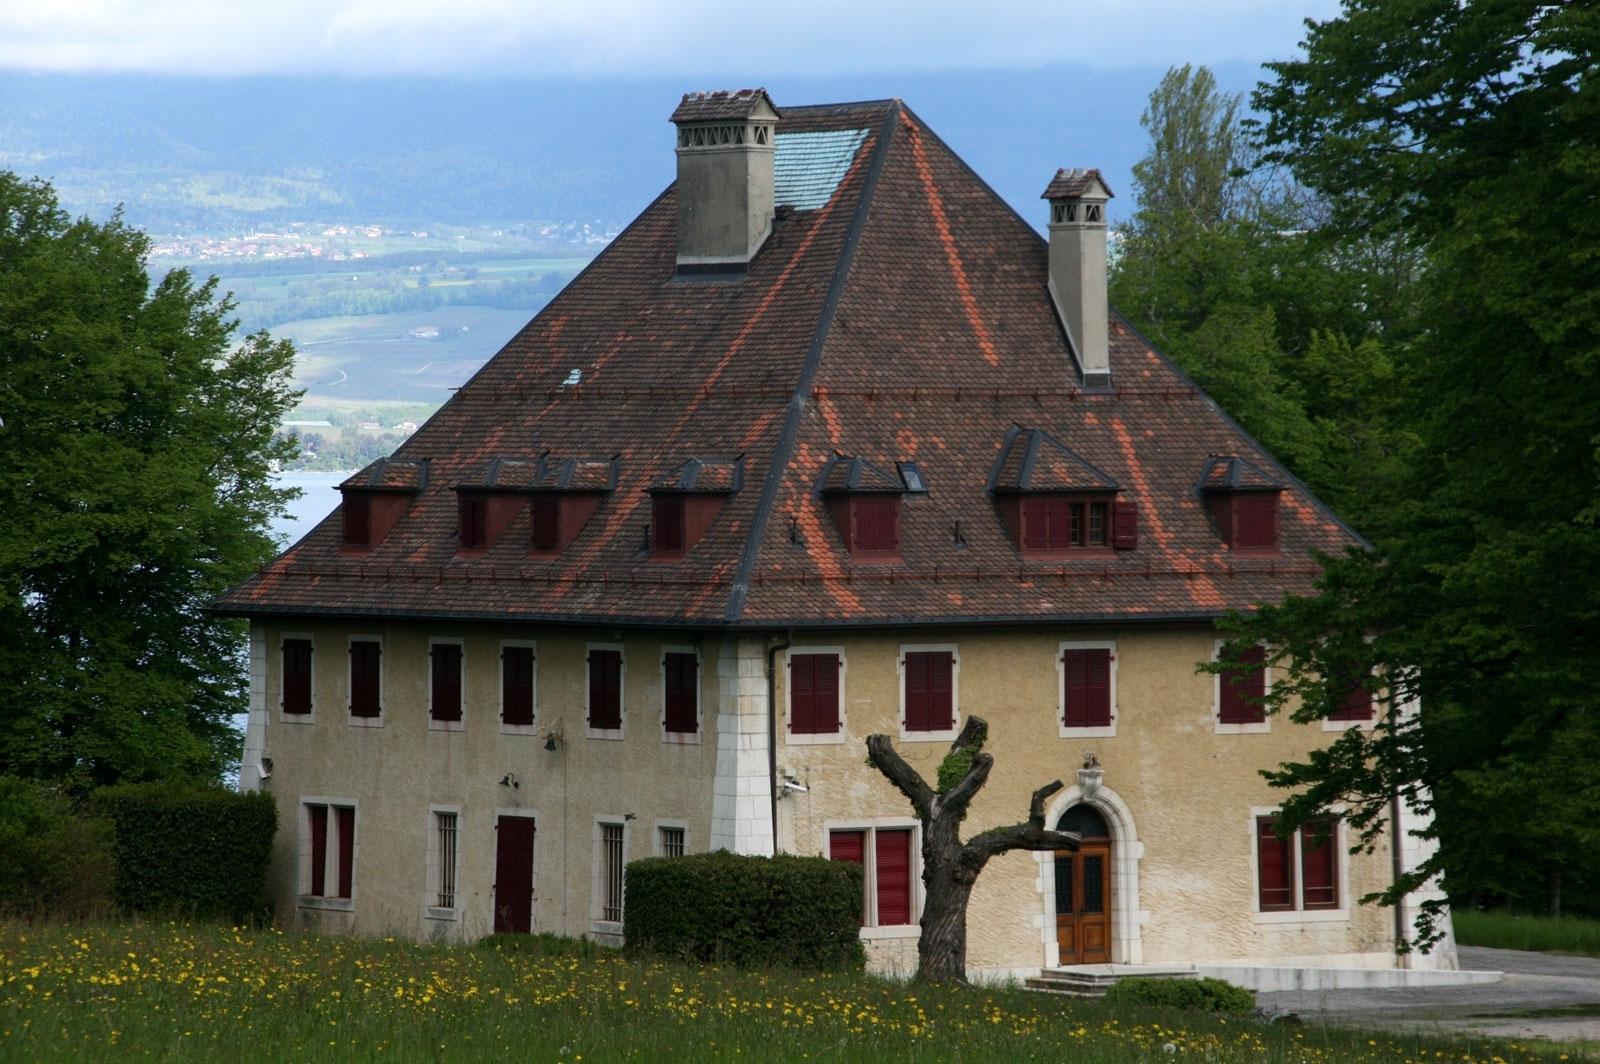 La Chataignière